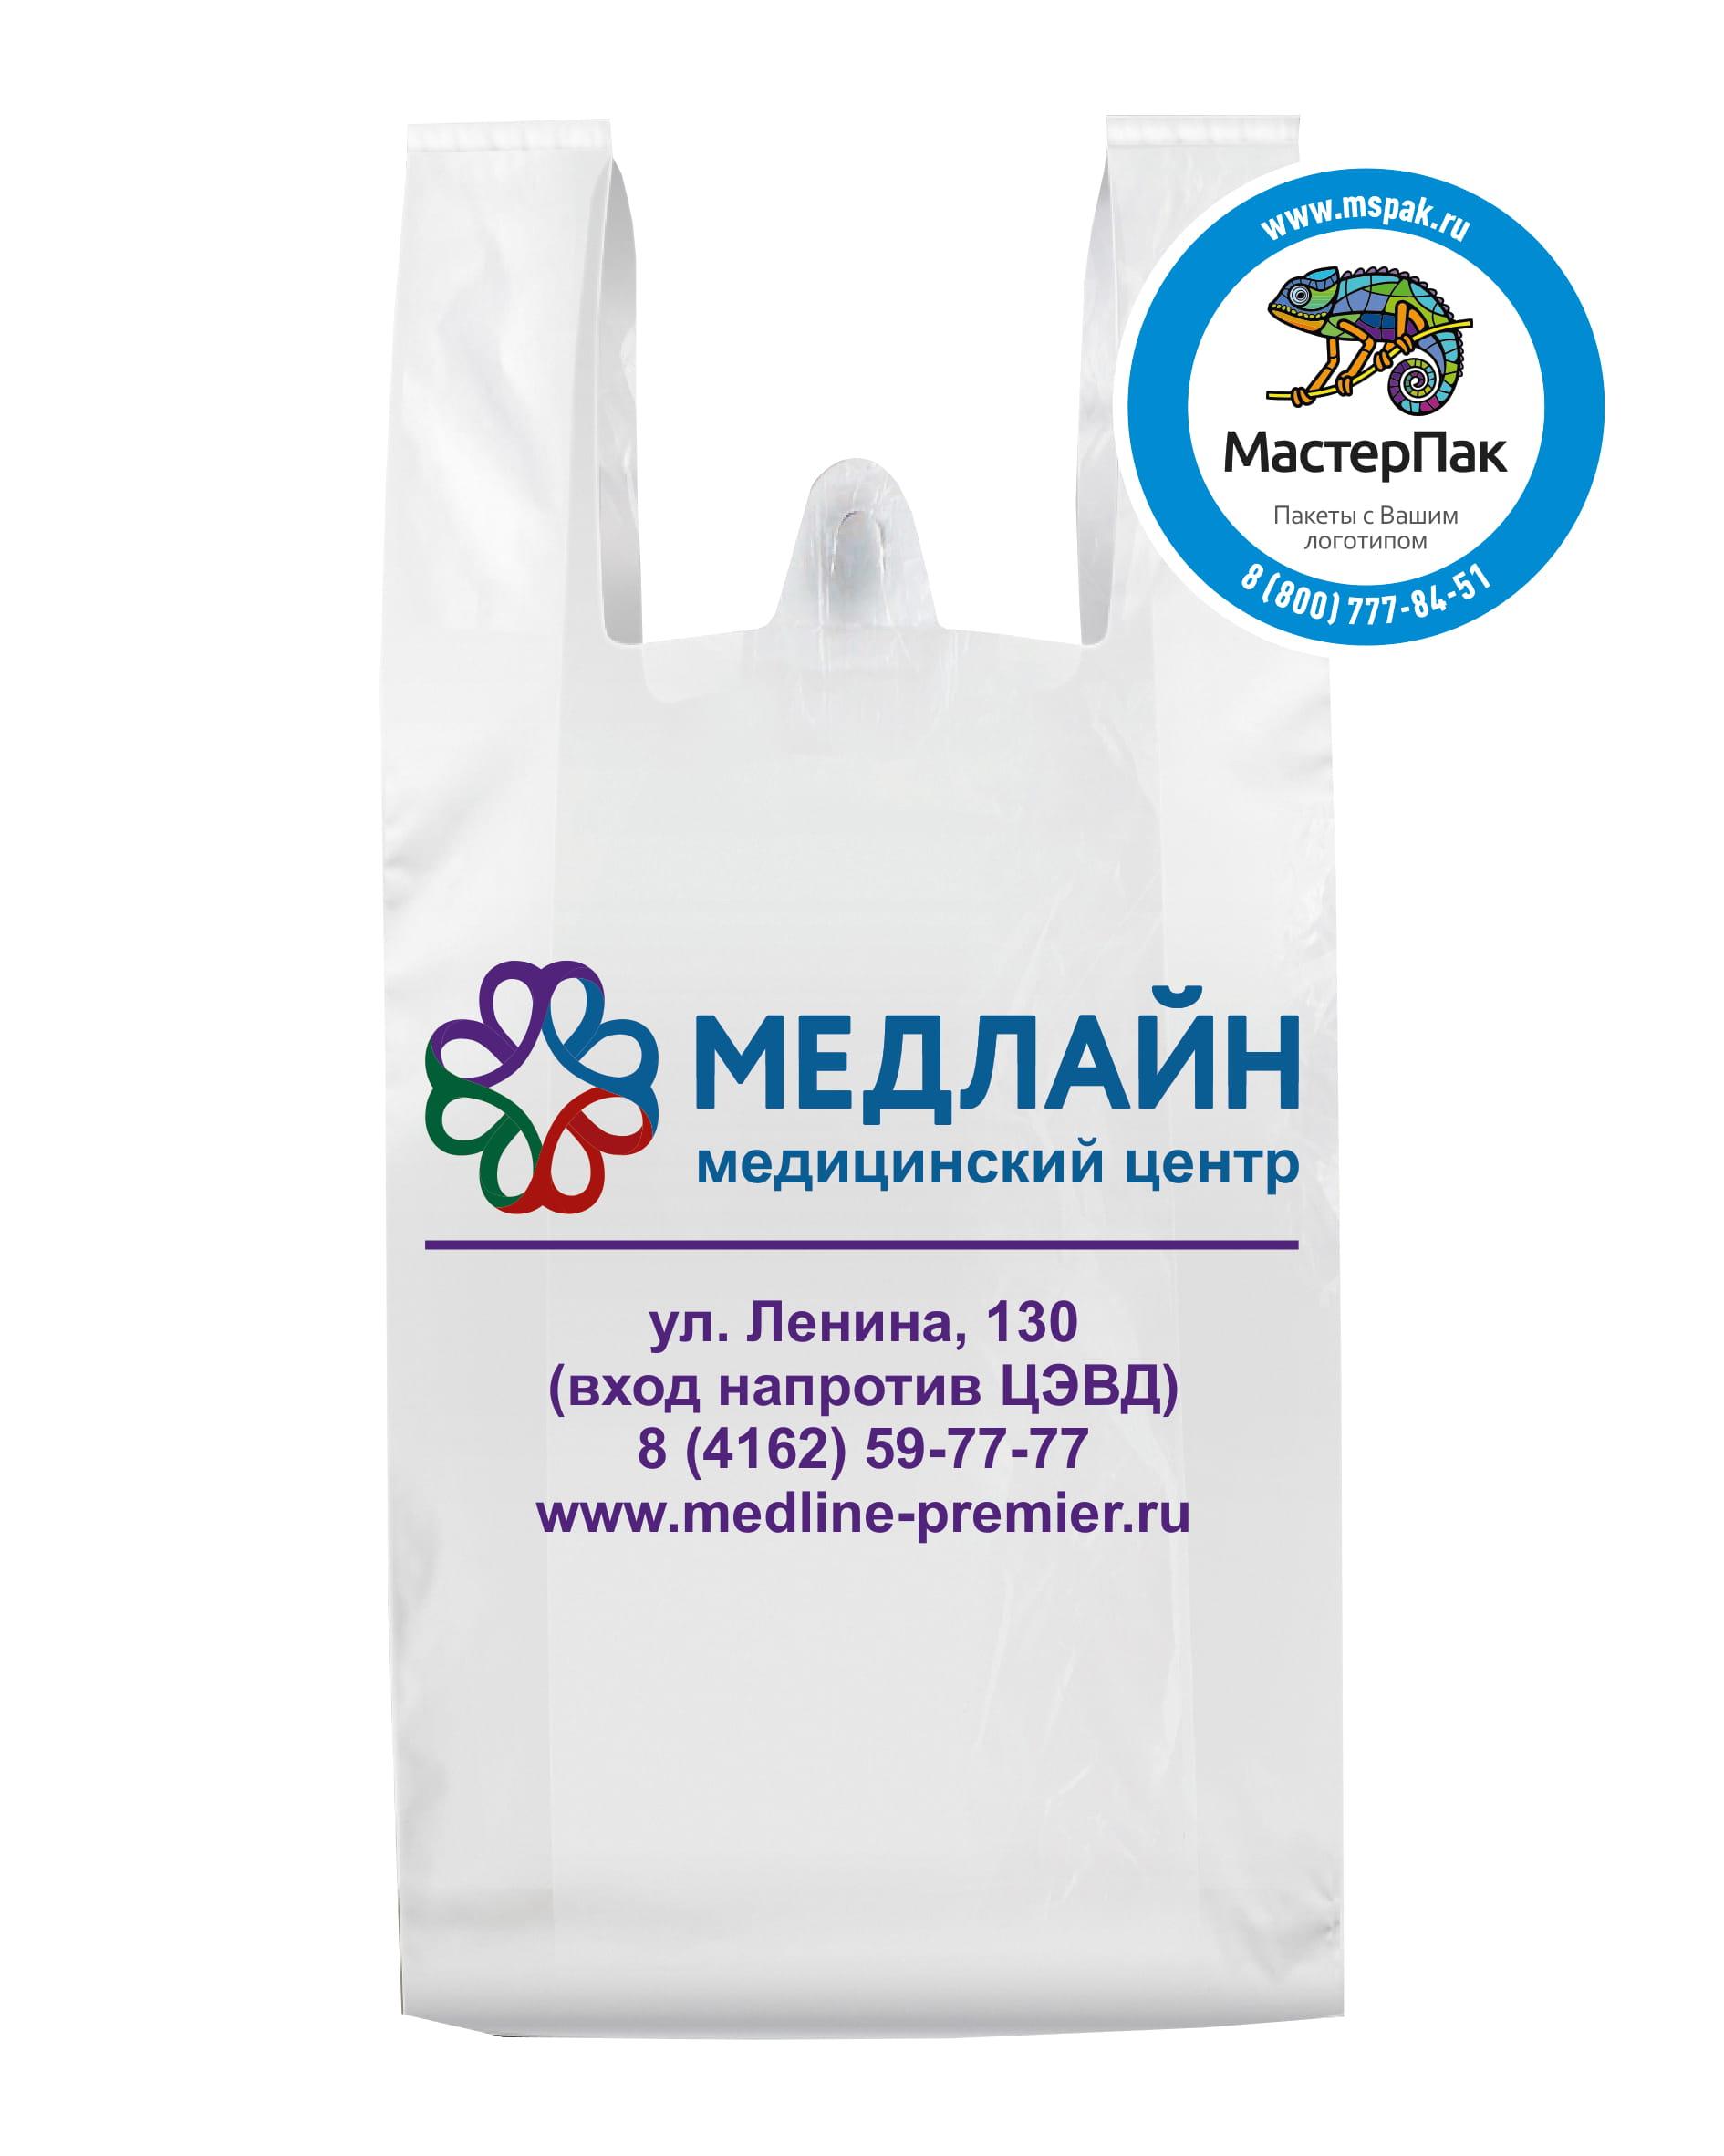 Пакет-майка ПНД с логотипом Медлайн, Благовещенск, 40*60, 23 мкм